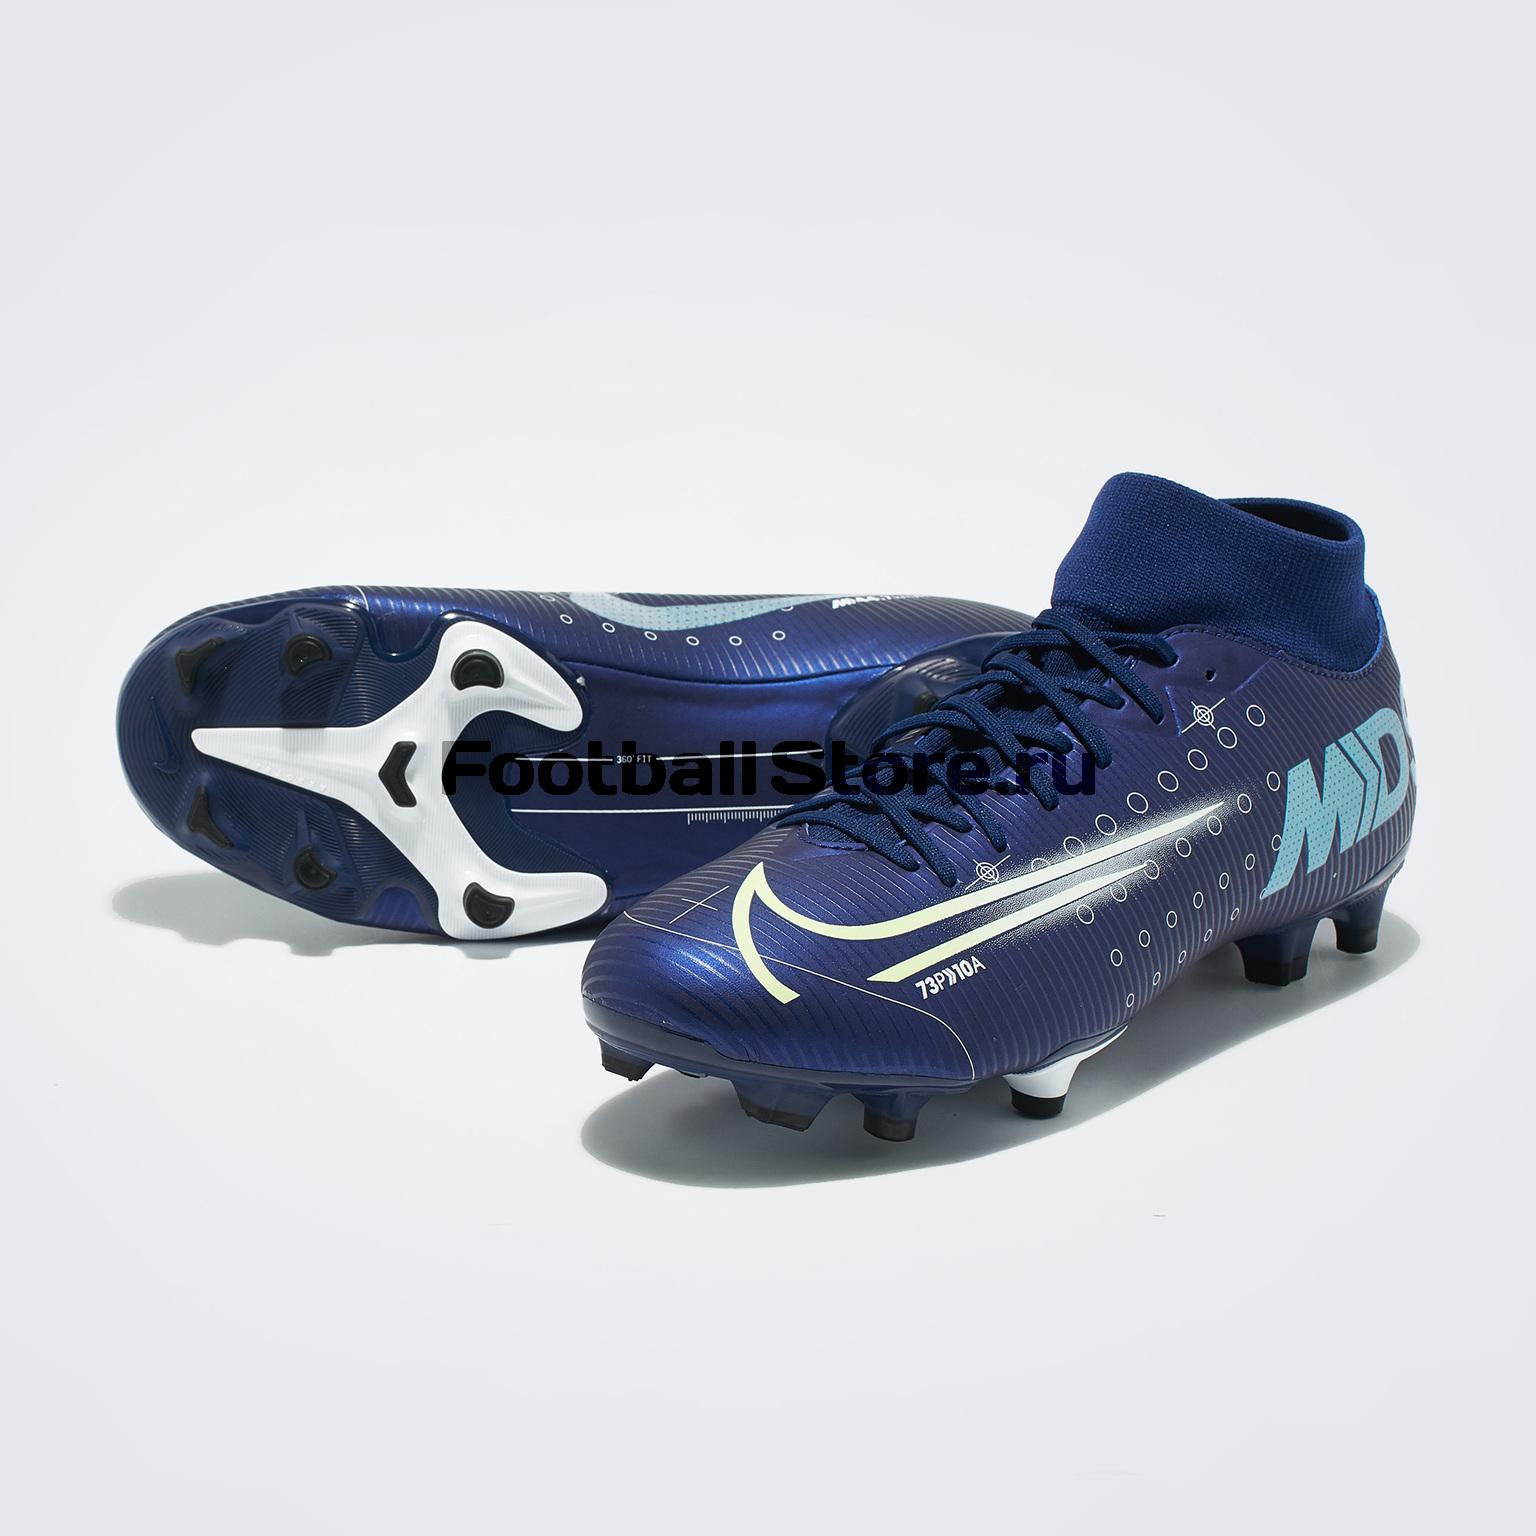 Бутсы Nike Superfly 7 Academy MDS FG/MG BQ5427-401 цена